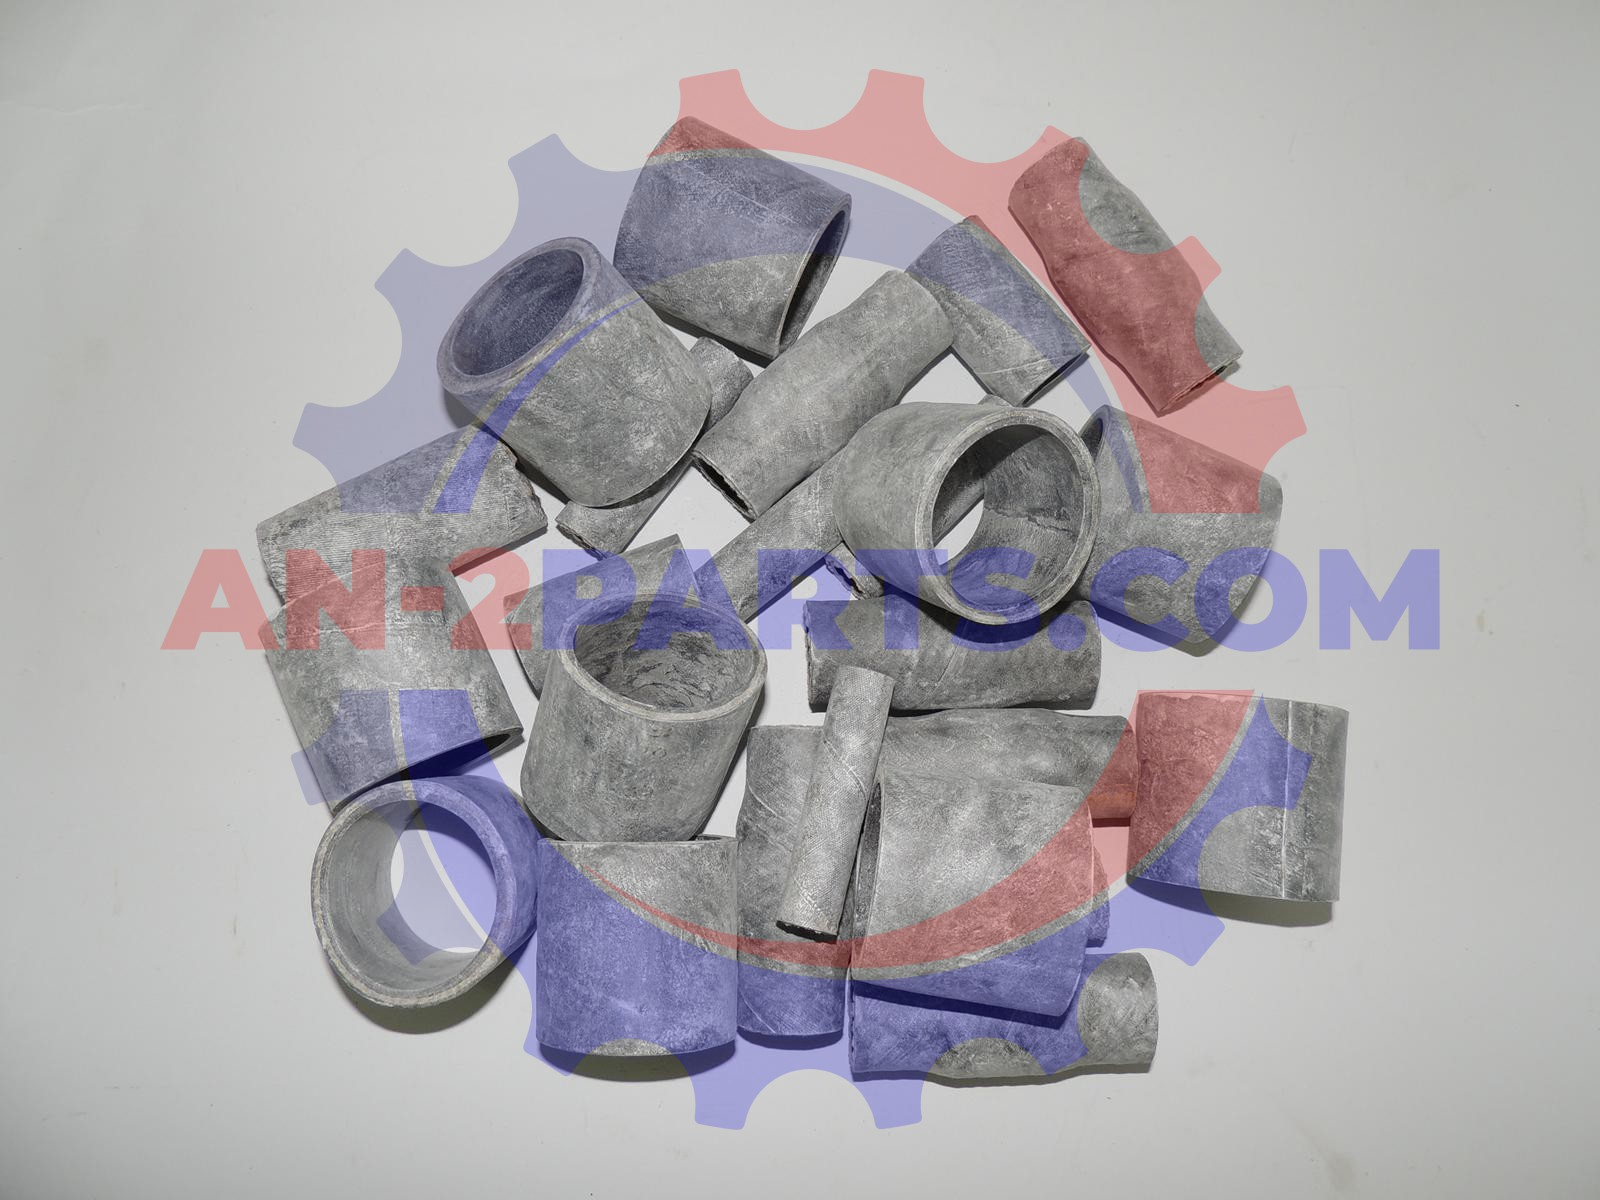 Zestaw diurytowych przewodów, Durite hoses set